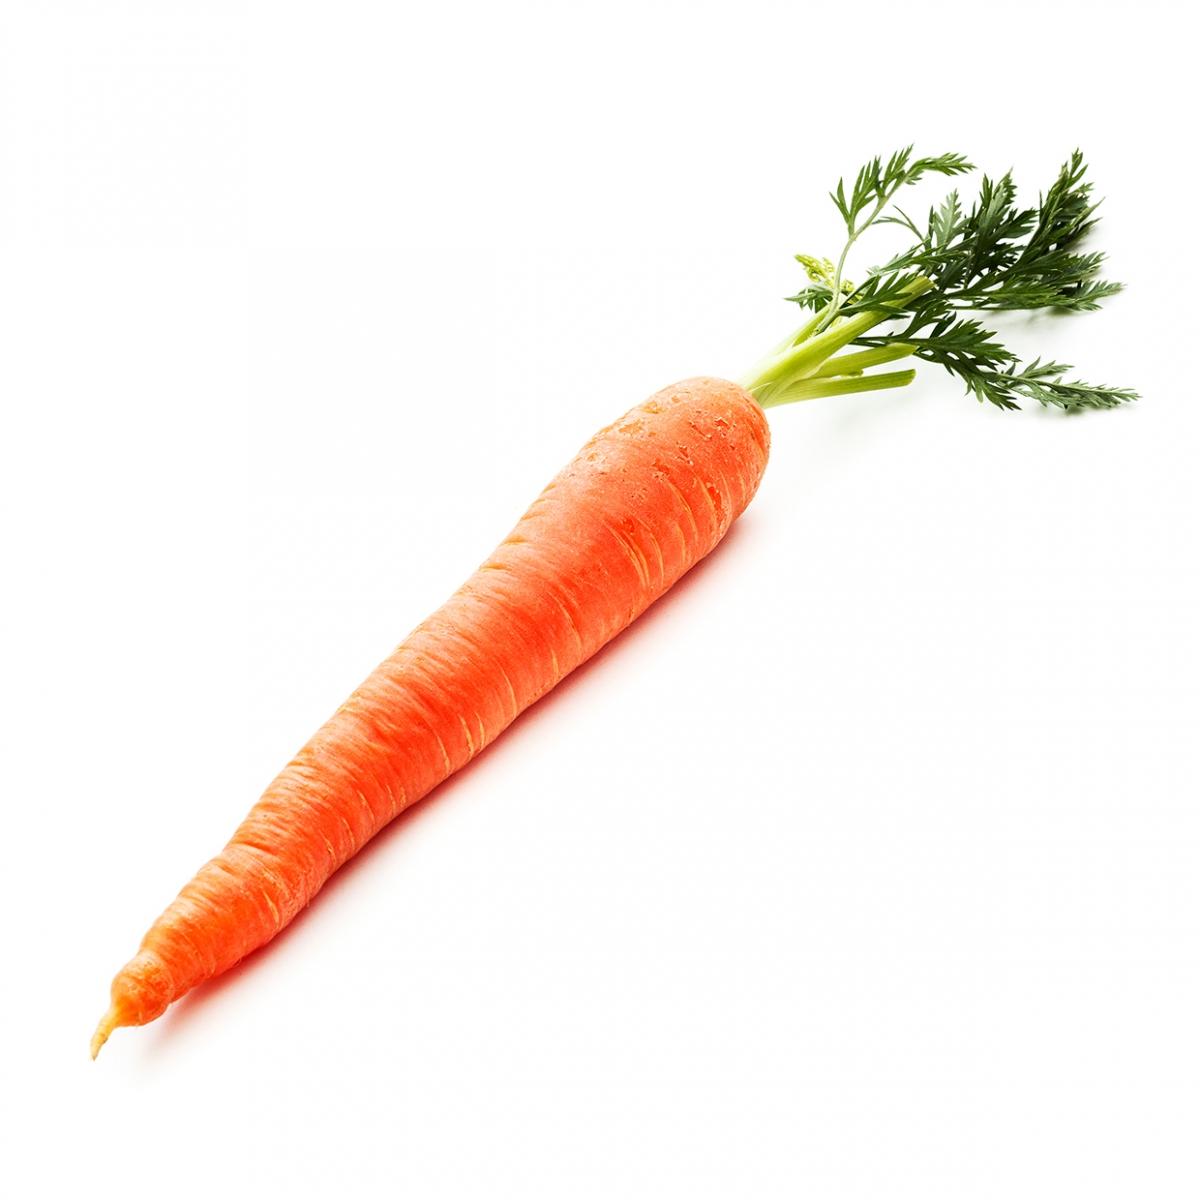 Imagen en la que se ve una zanahoria entera con las hojas verdes en la parte superior